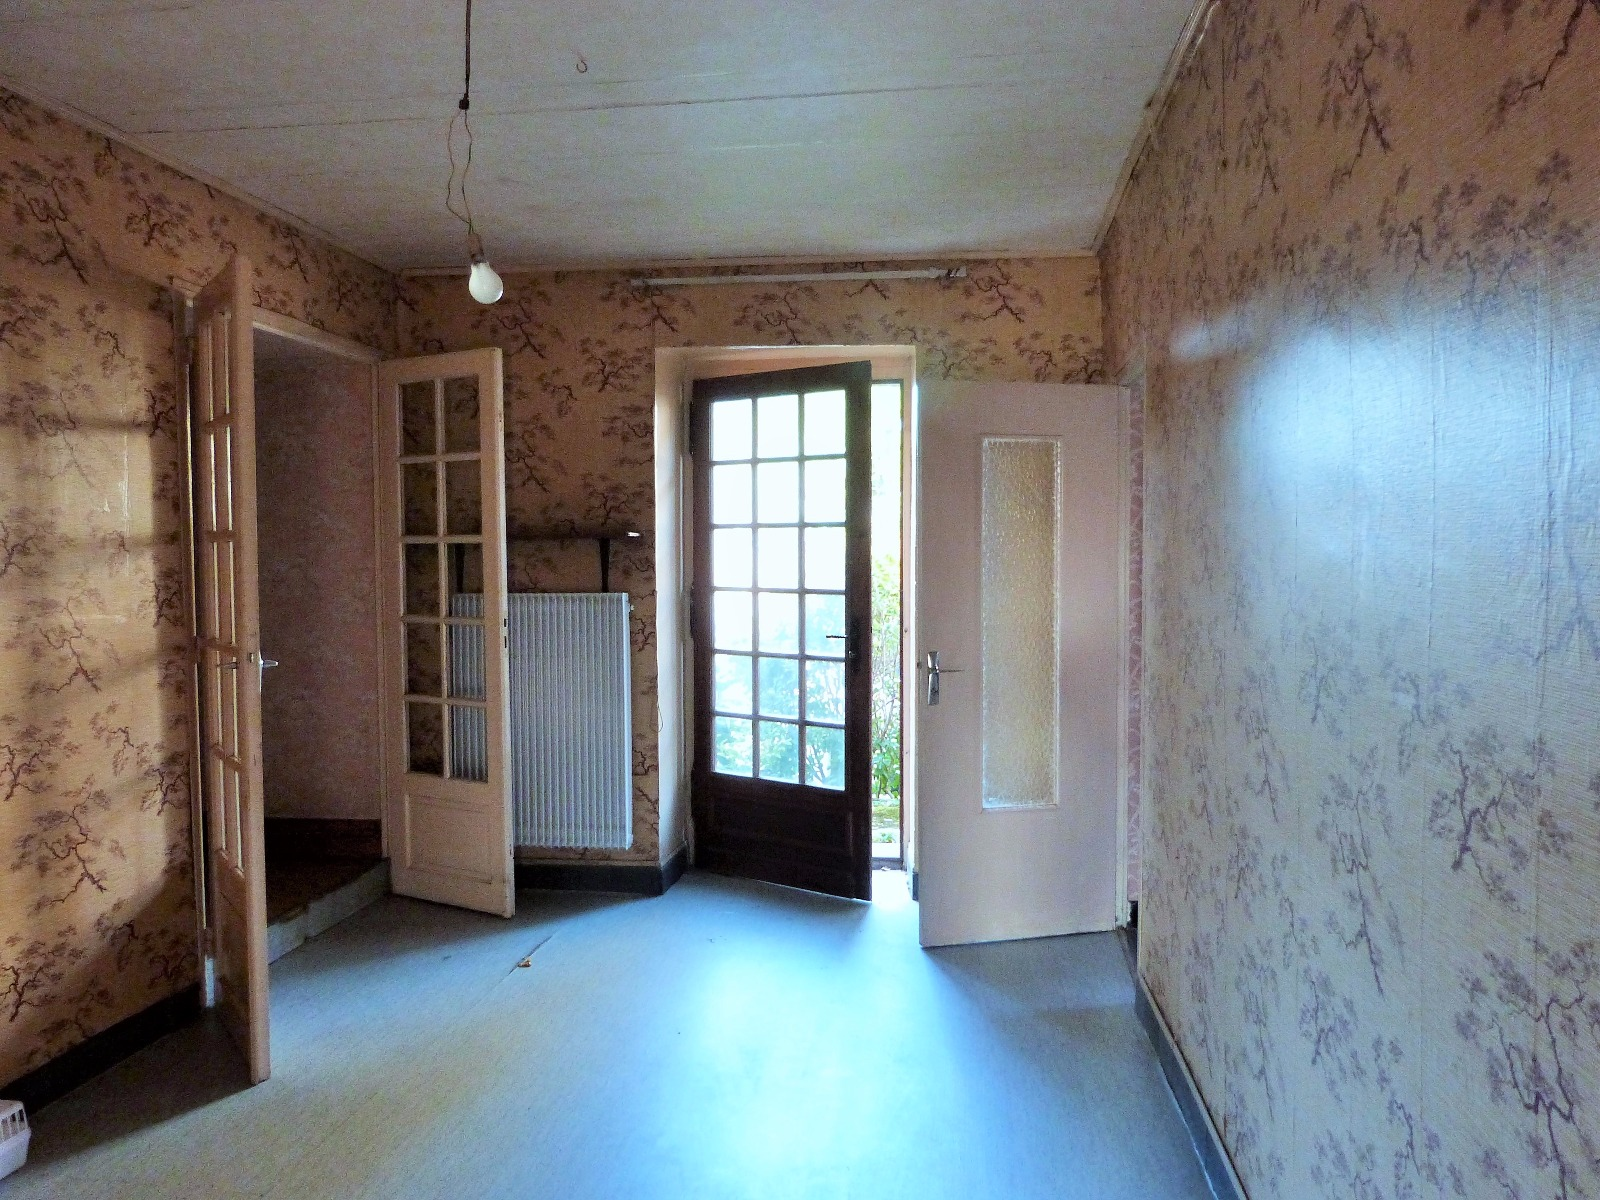 Lons le saunier 11km vends maison r nover avec cachet for Garage bmw lons le saunier